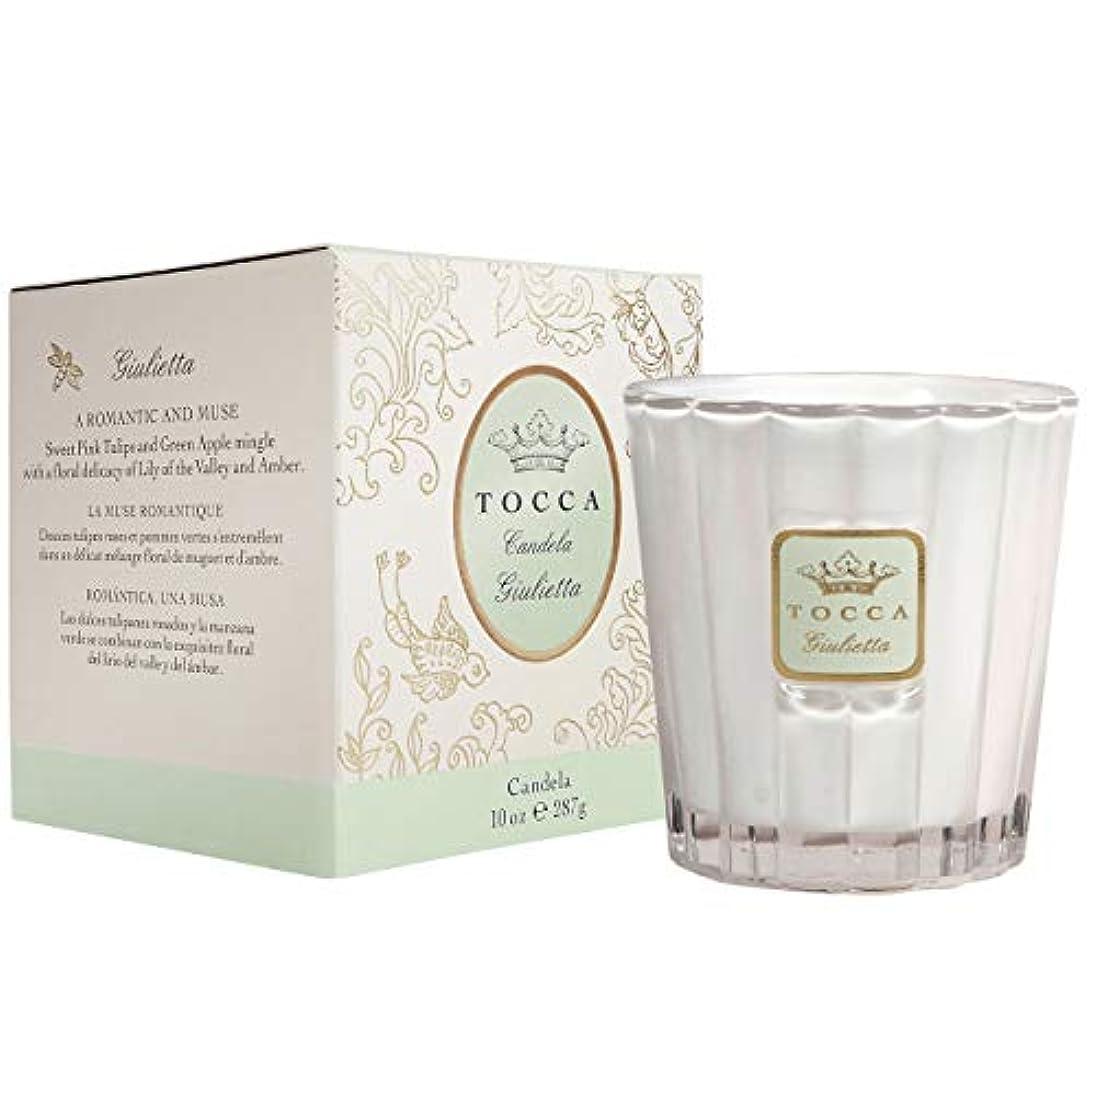 塩辛い早熟許可トッカ(TOCCA) キャンドル ジュリエッタの香り 約287g (ろうそく 爽やかで甘い香り)